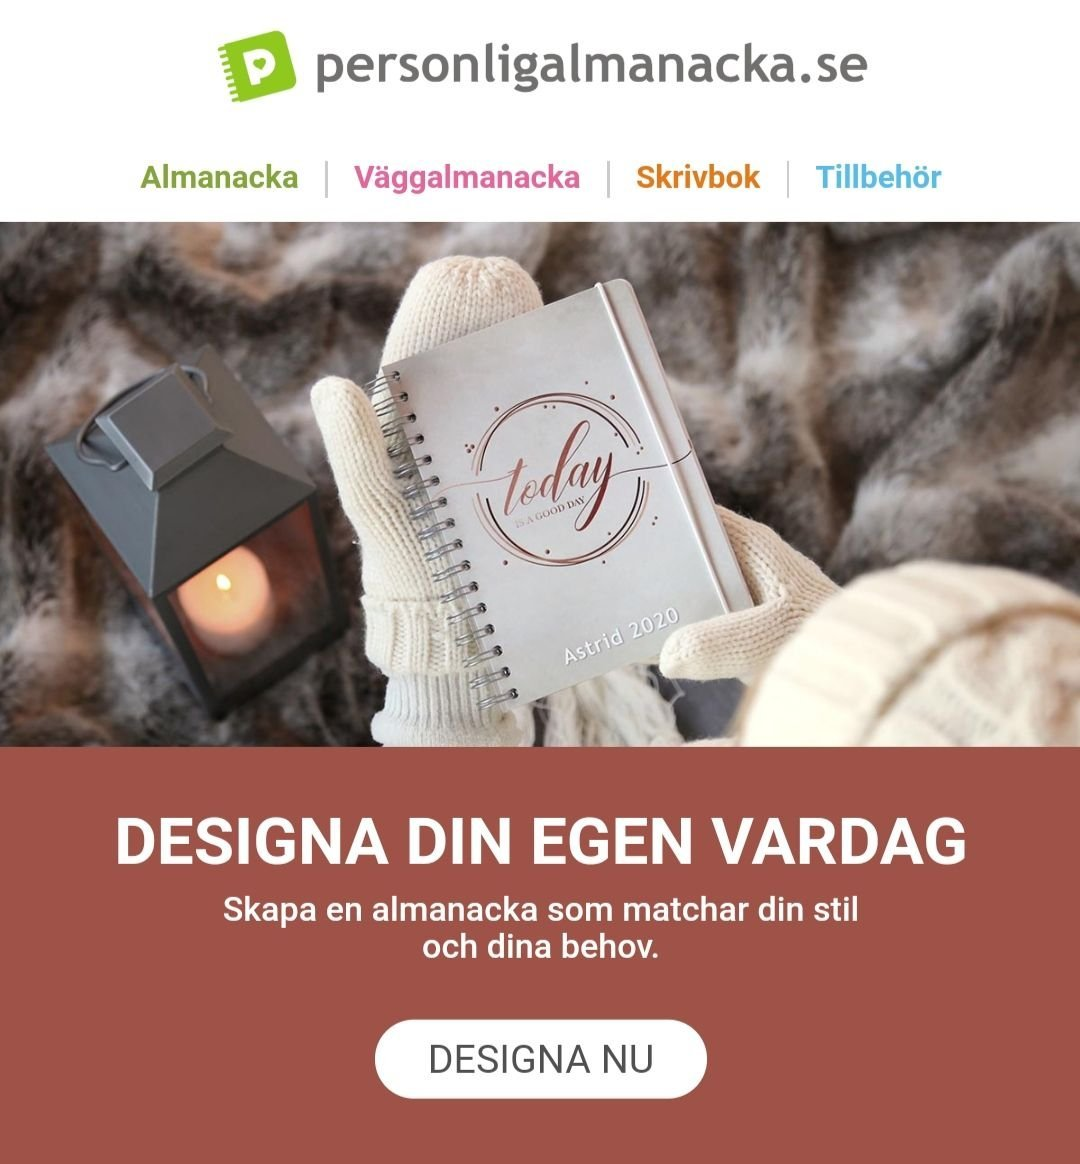 värdekod personlig almanacka 2019